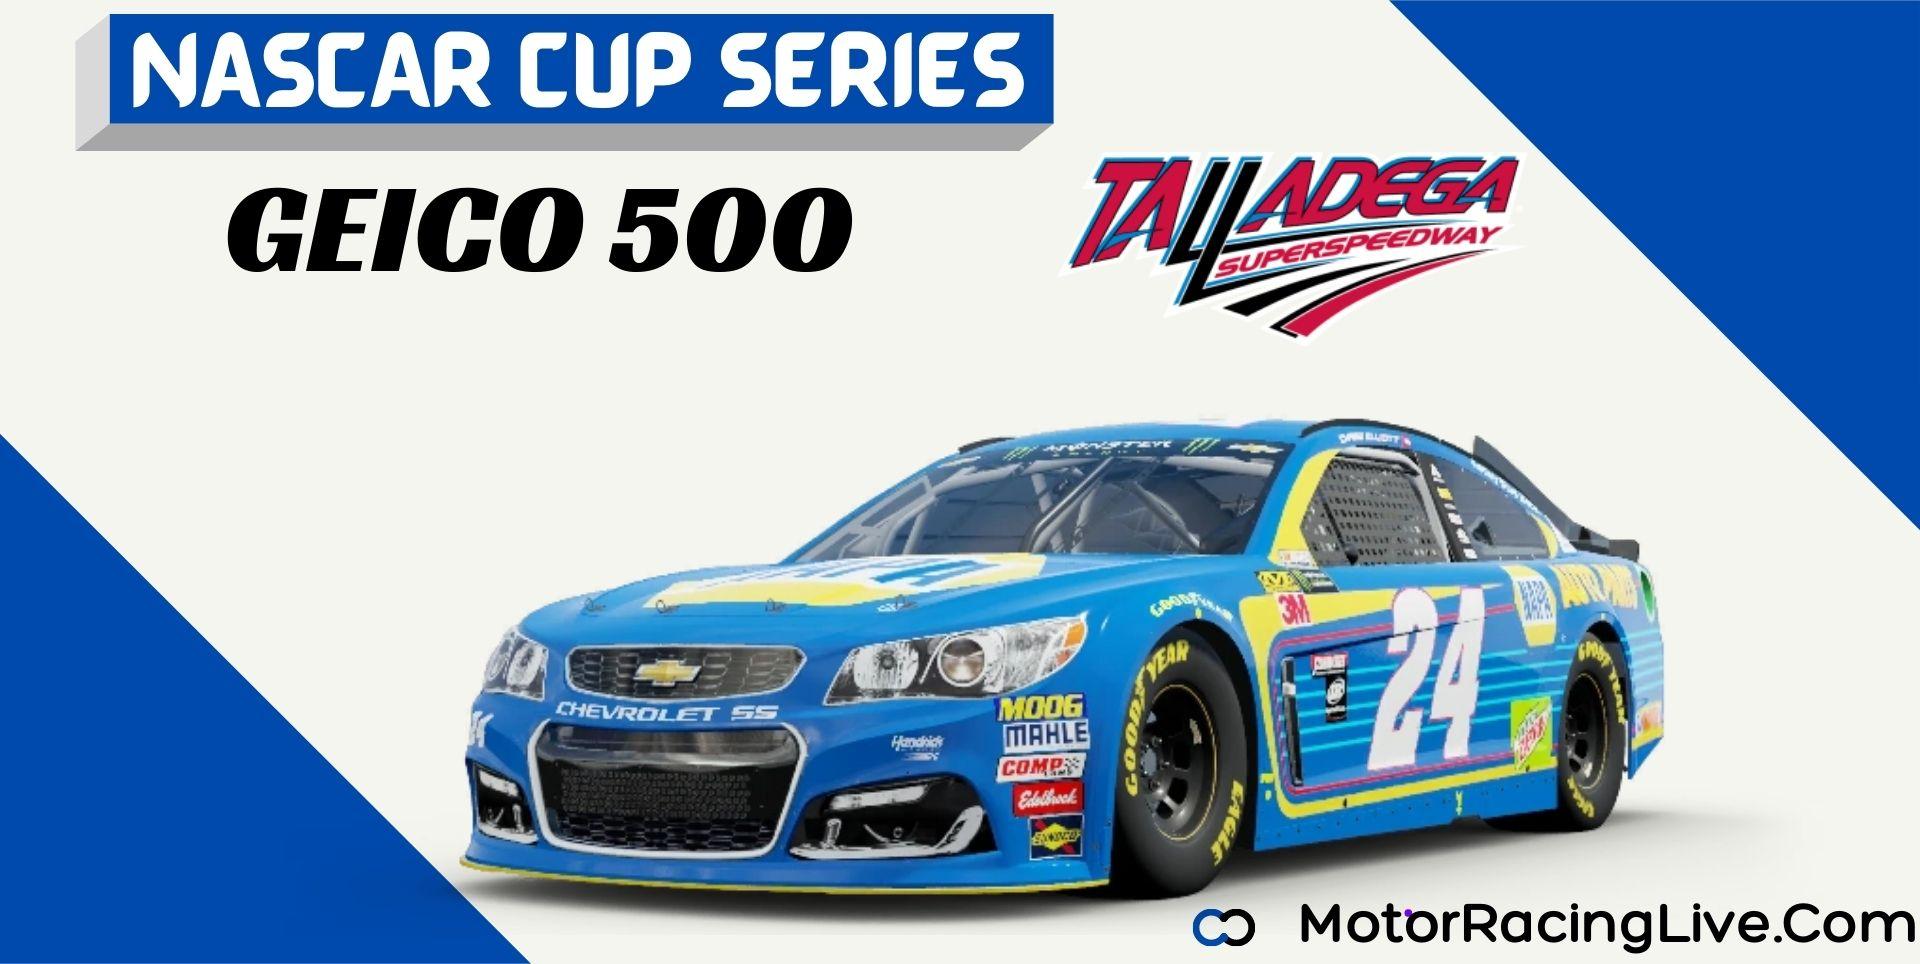 GEICO 500 Nascar Cup 2021 Live Stream